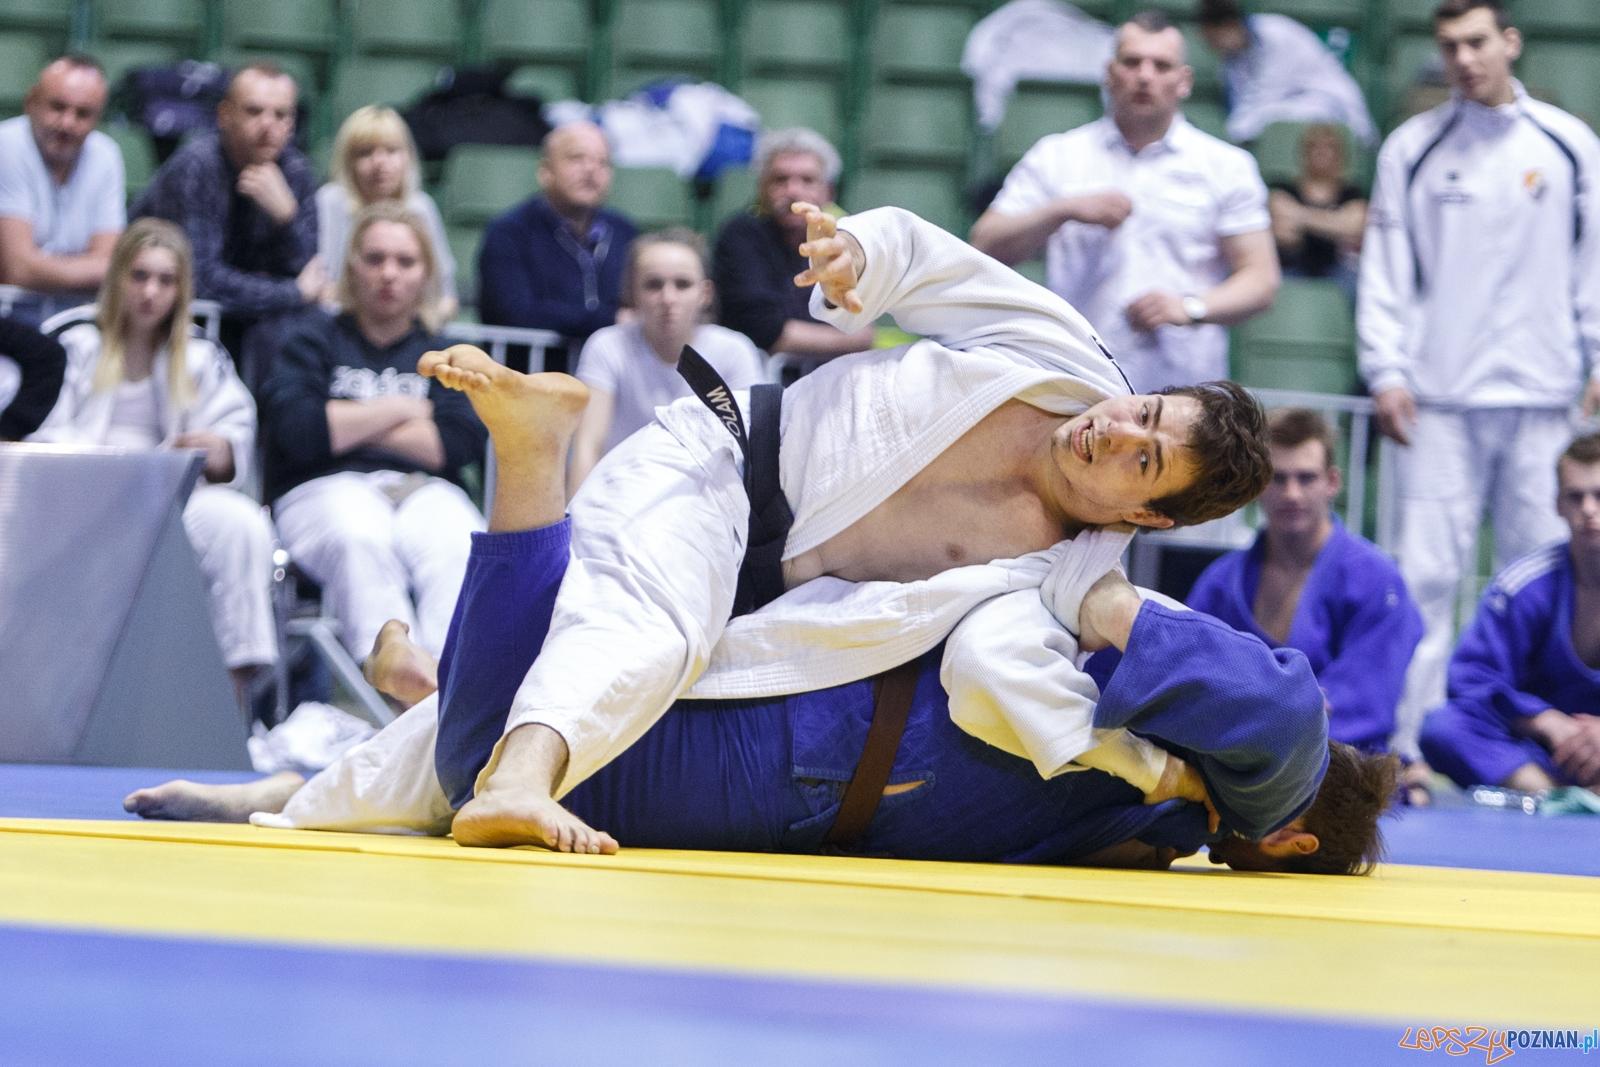 Mistrzostwa Polski Juniorów i Juniorek w Judo  Foto: LepszyPOZNAN.pl / Paweł Rychter